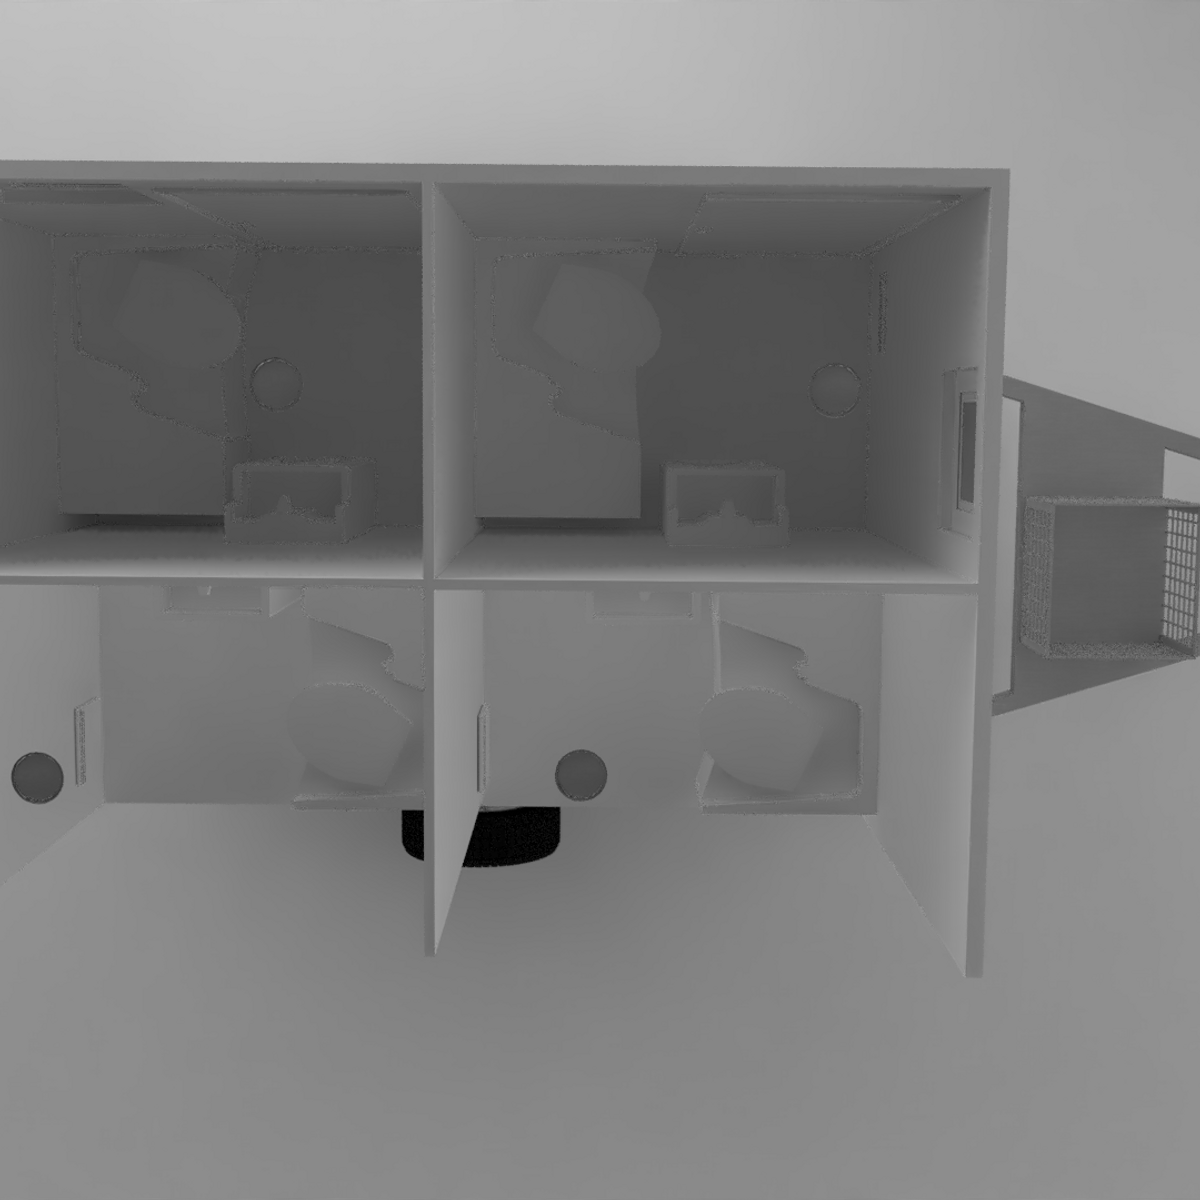 Toalettvogn med 4 toaletter, uten vann og avløp